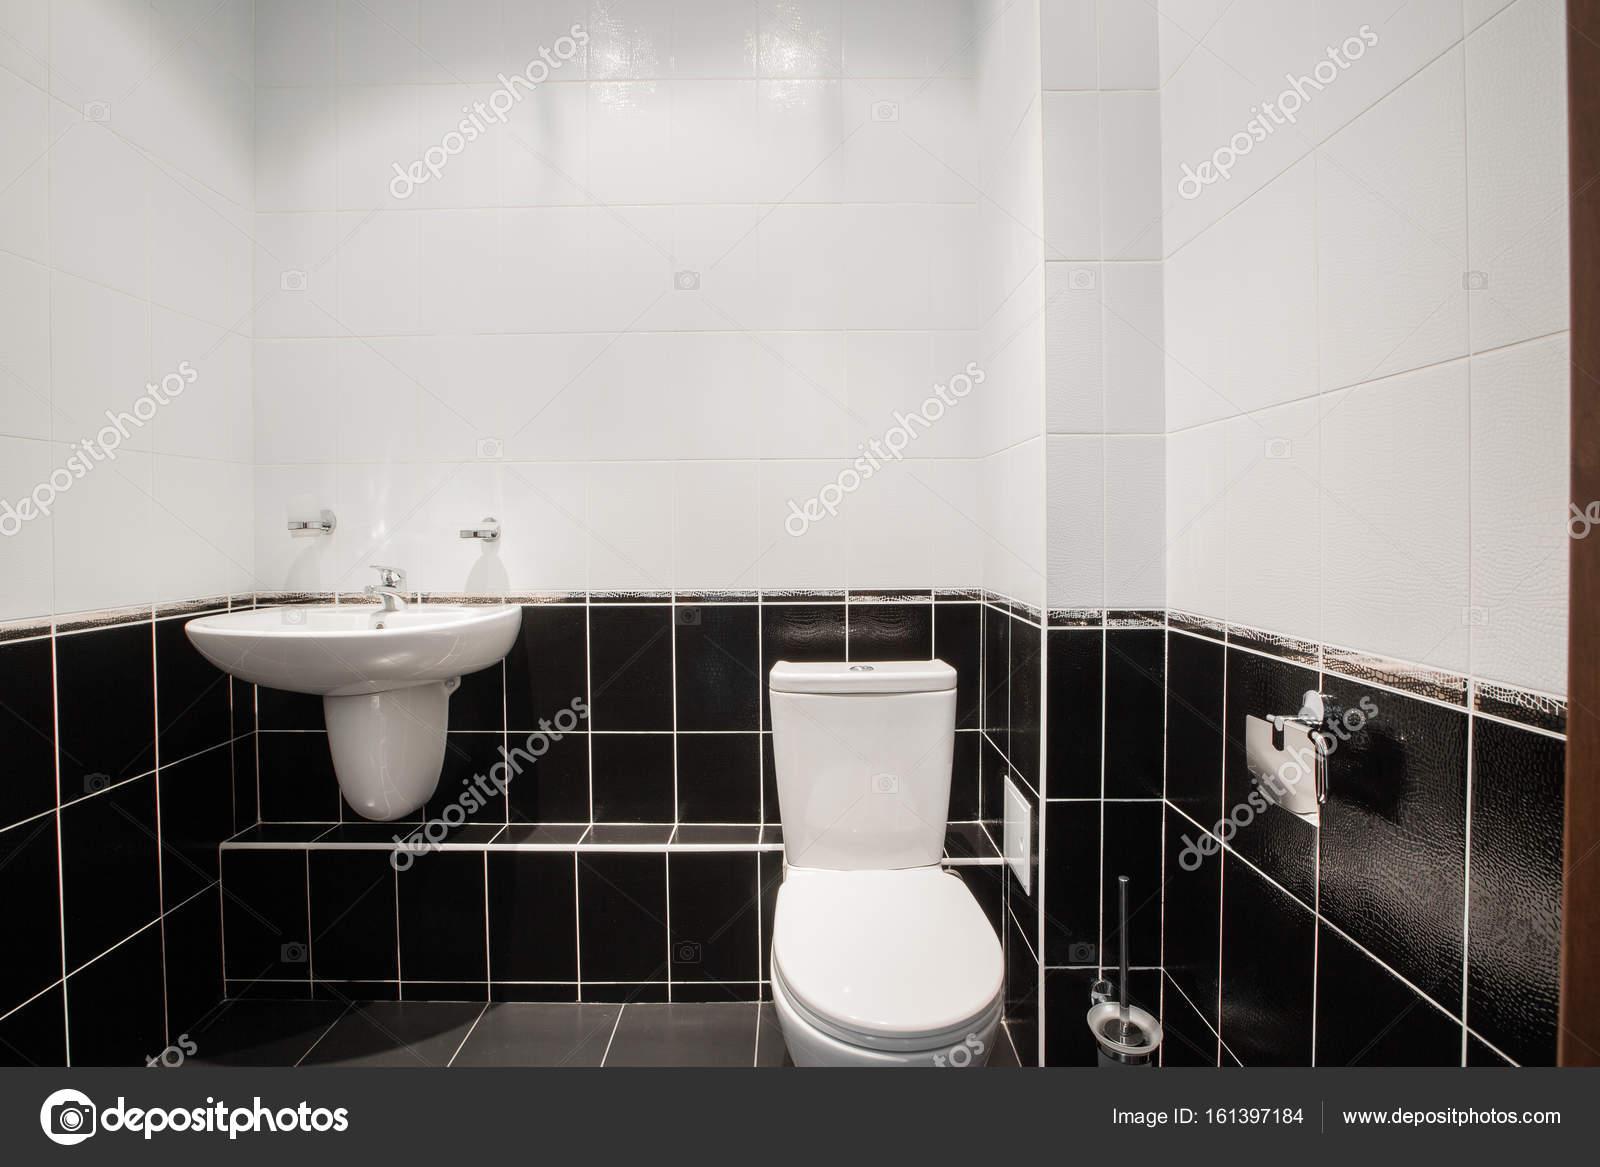 Moderne Luxus Badezimmer Mit Badewanne Und Fenster Interior Design